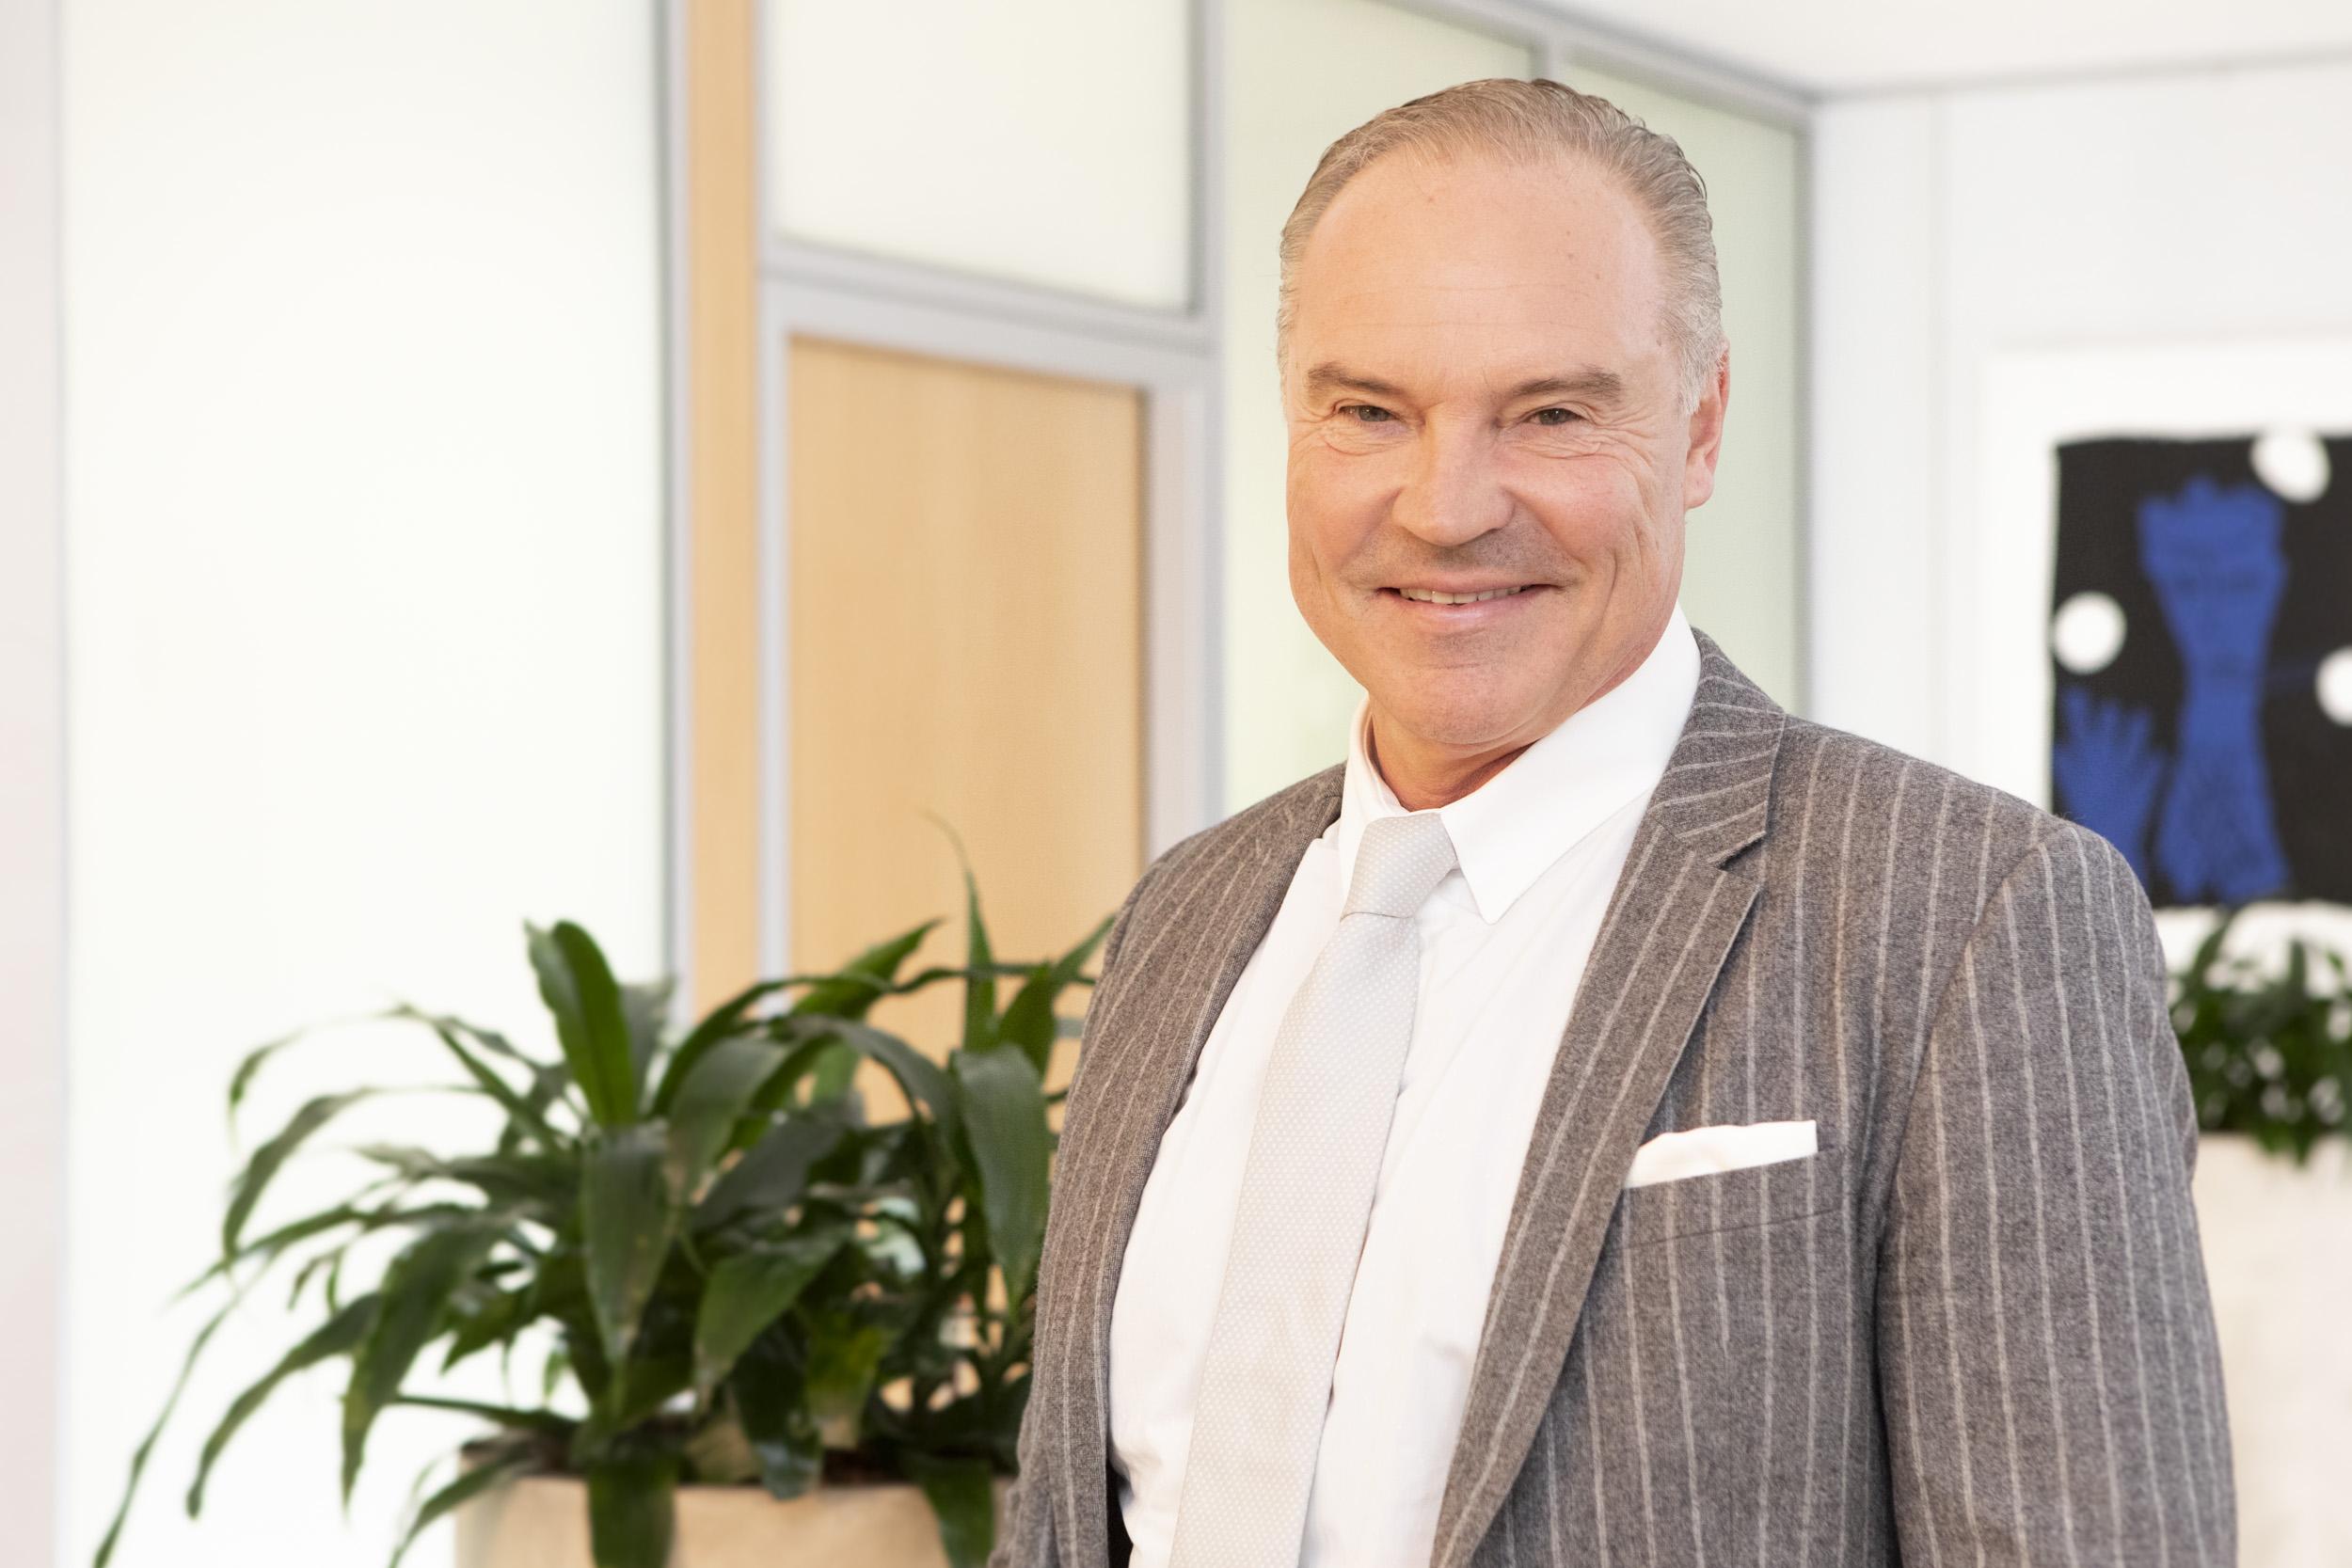 Dr. Hagen Wolff